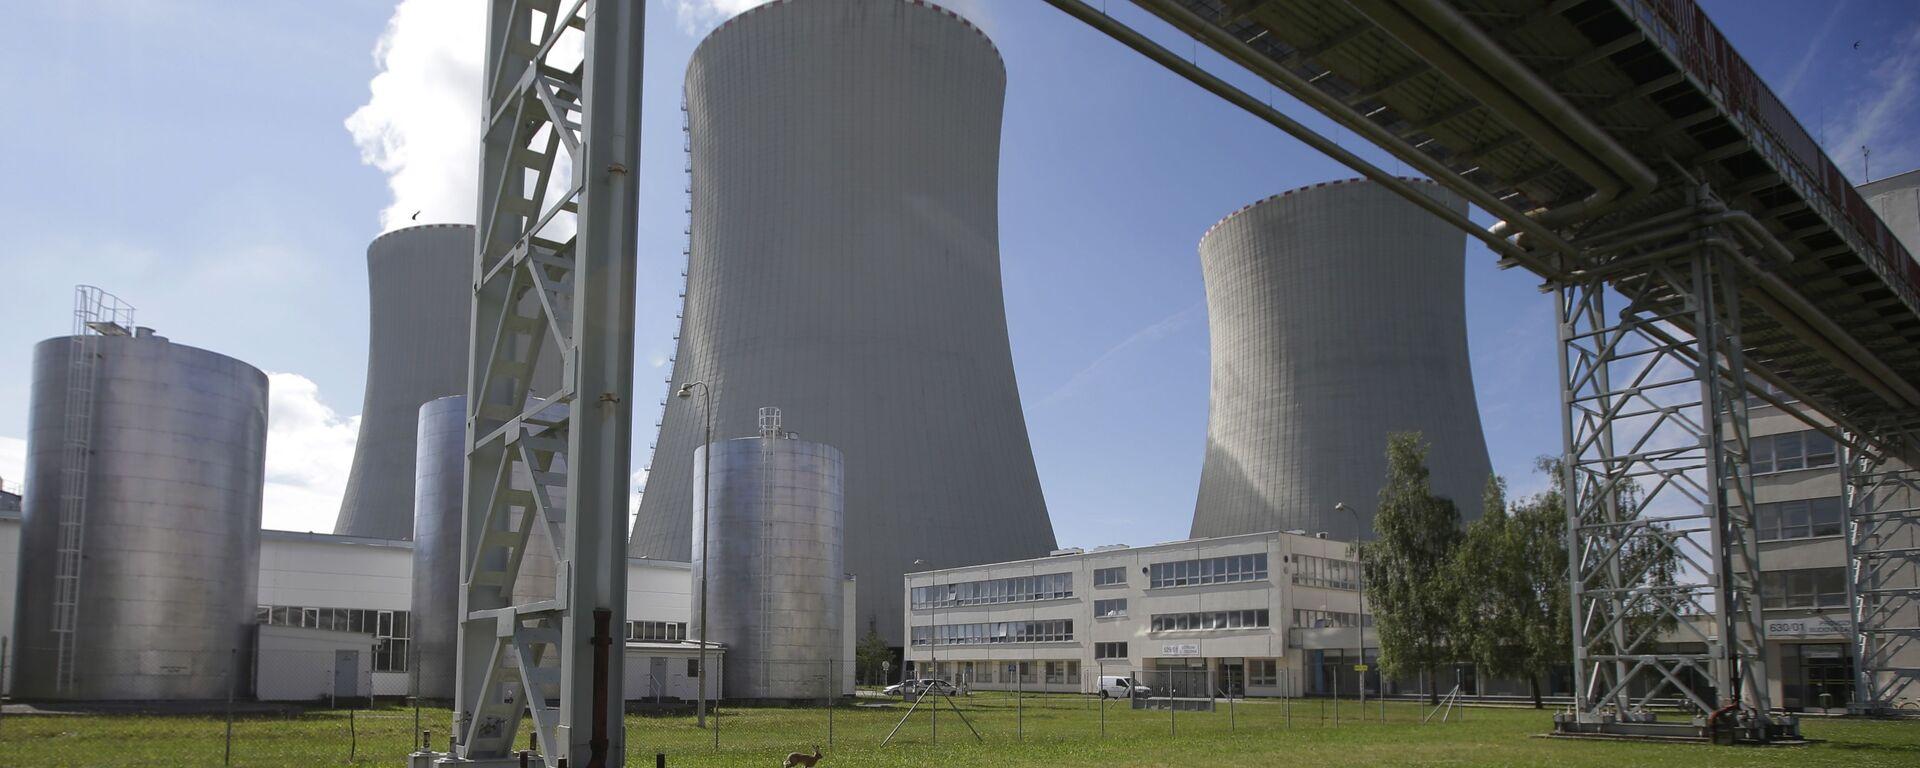 Elektrownia atomowa Temelin w Czechach - Sputnik Polska, 1920, 22.06.2021